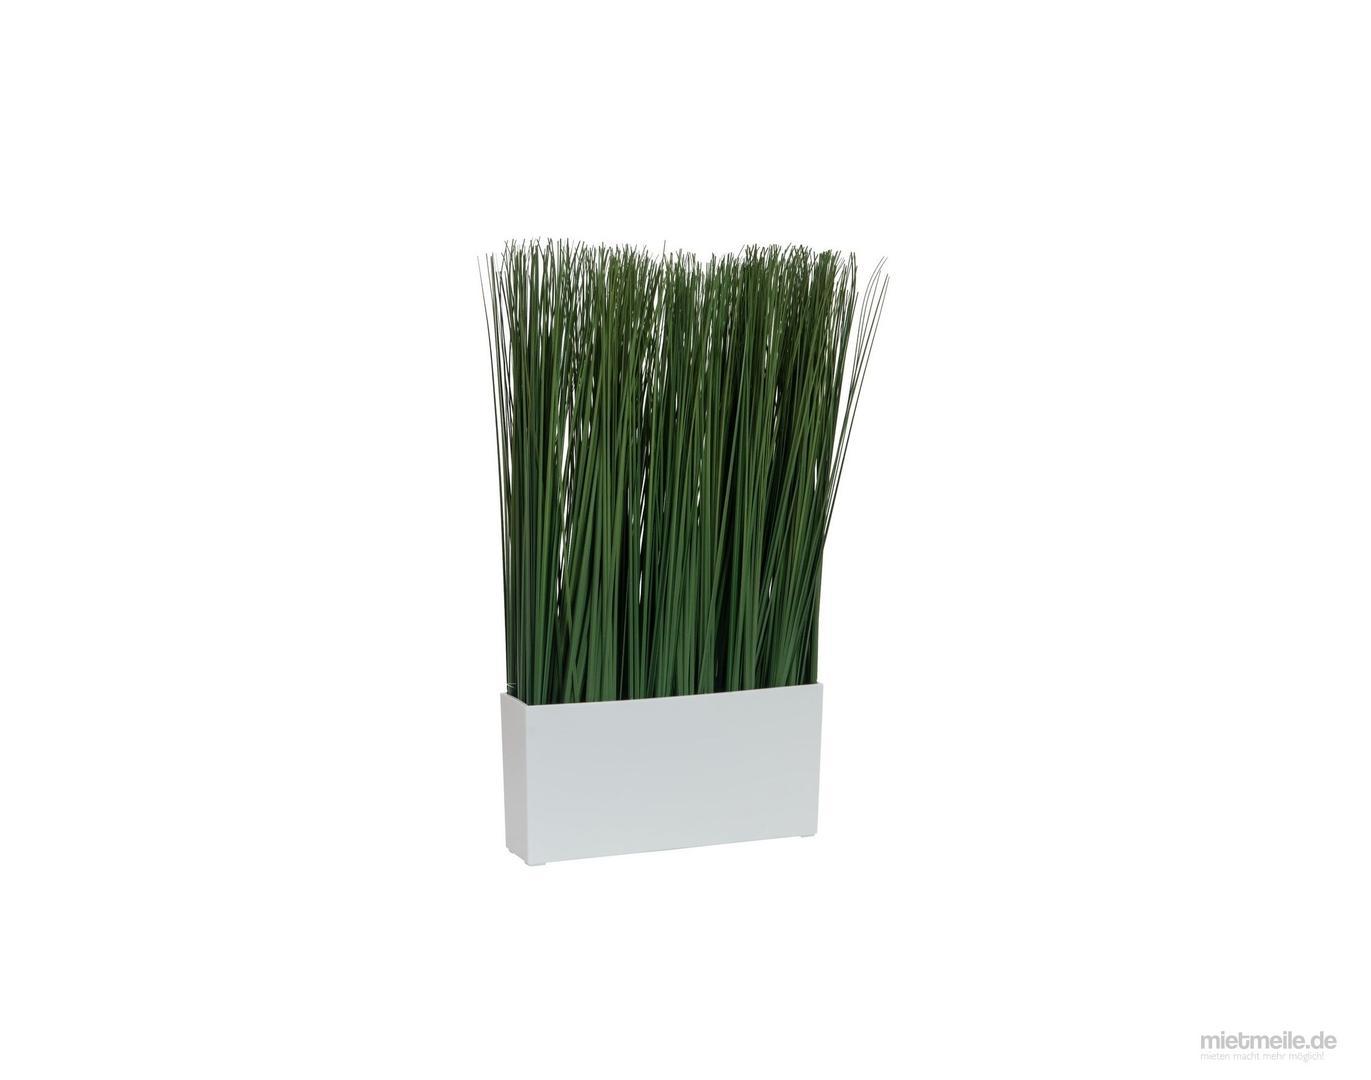 Pflanzen mieten & vermieten - Deko Palmen 300cm - Dünengras - Bäume  in Wismar